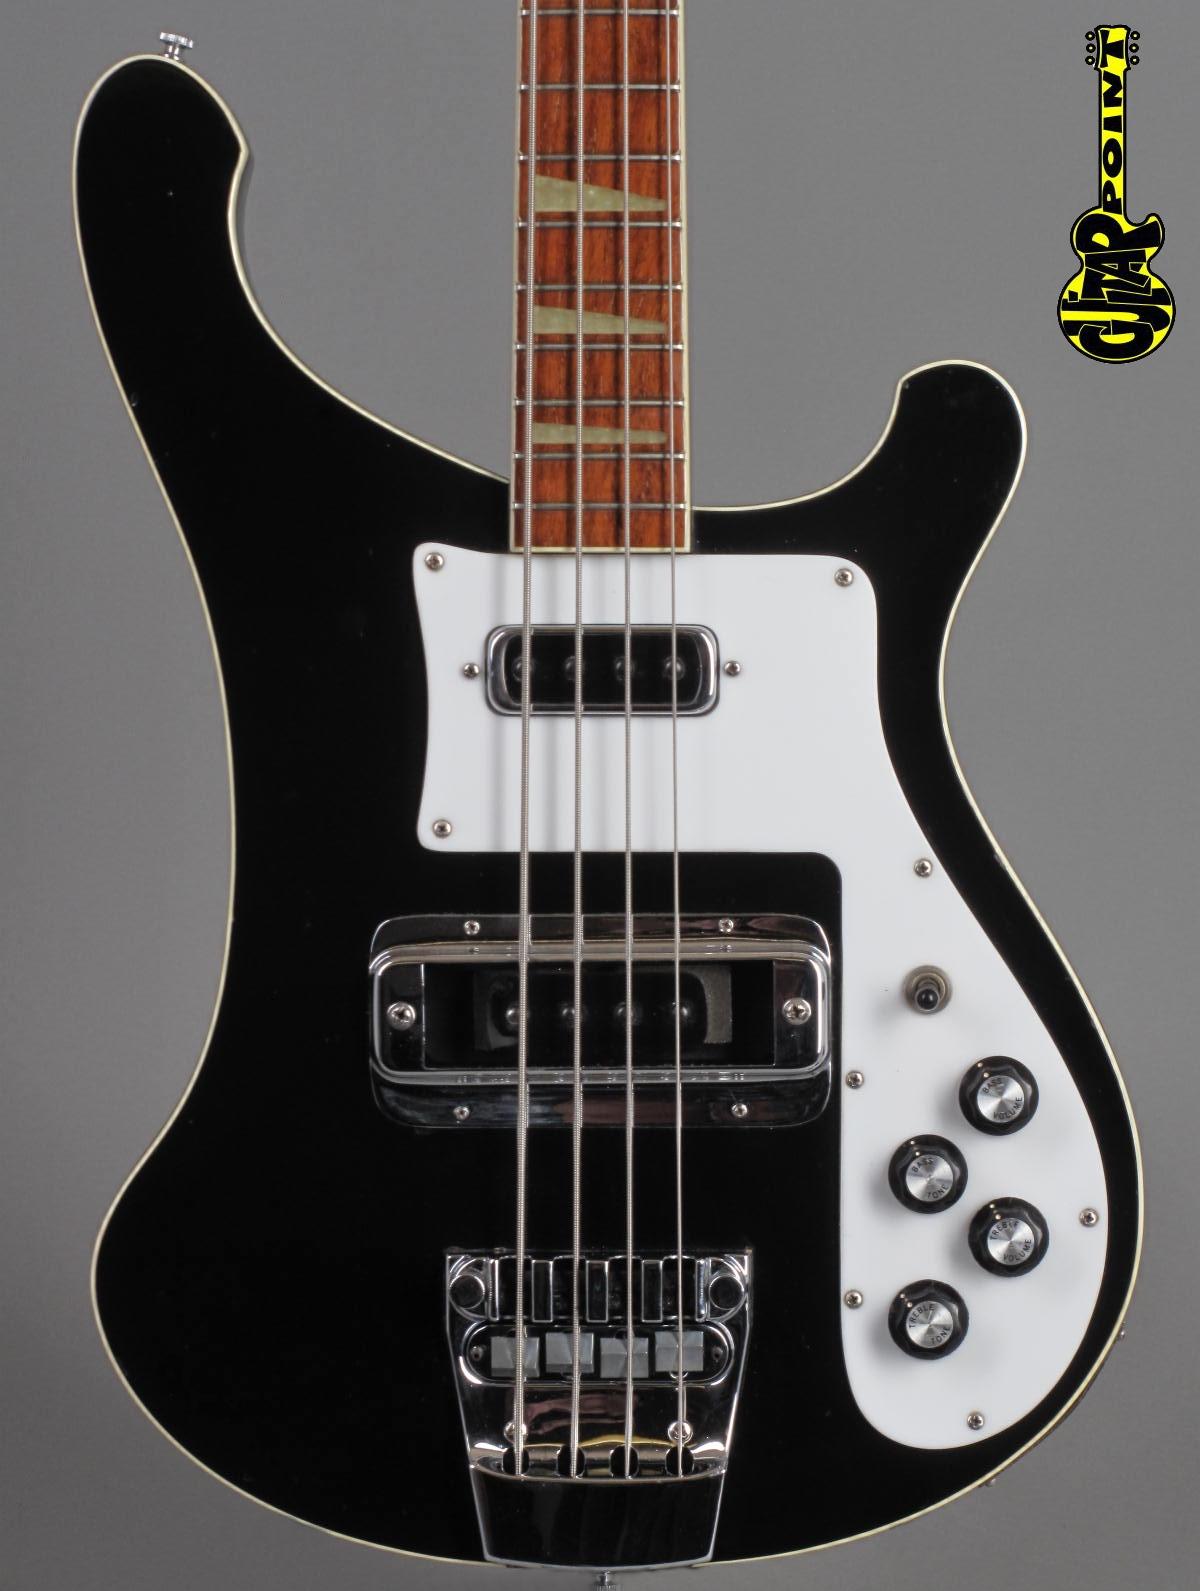 1976 Rickenbacker 4001 Bass - Jetglo